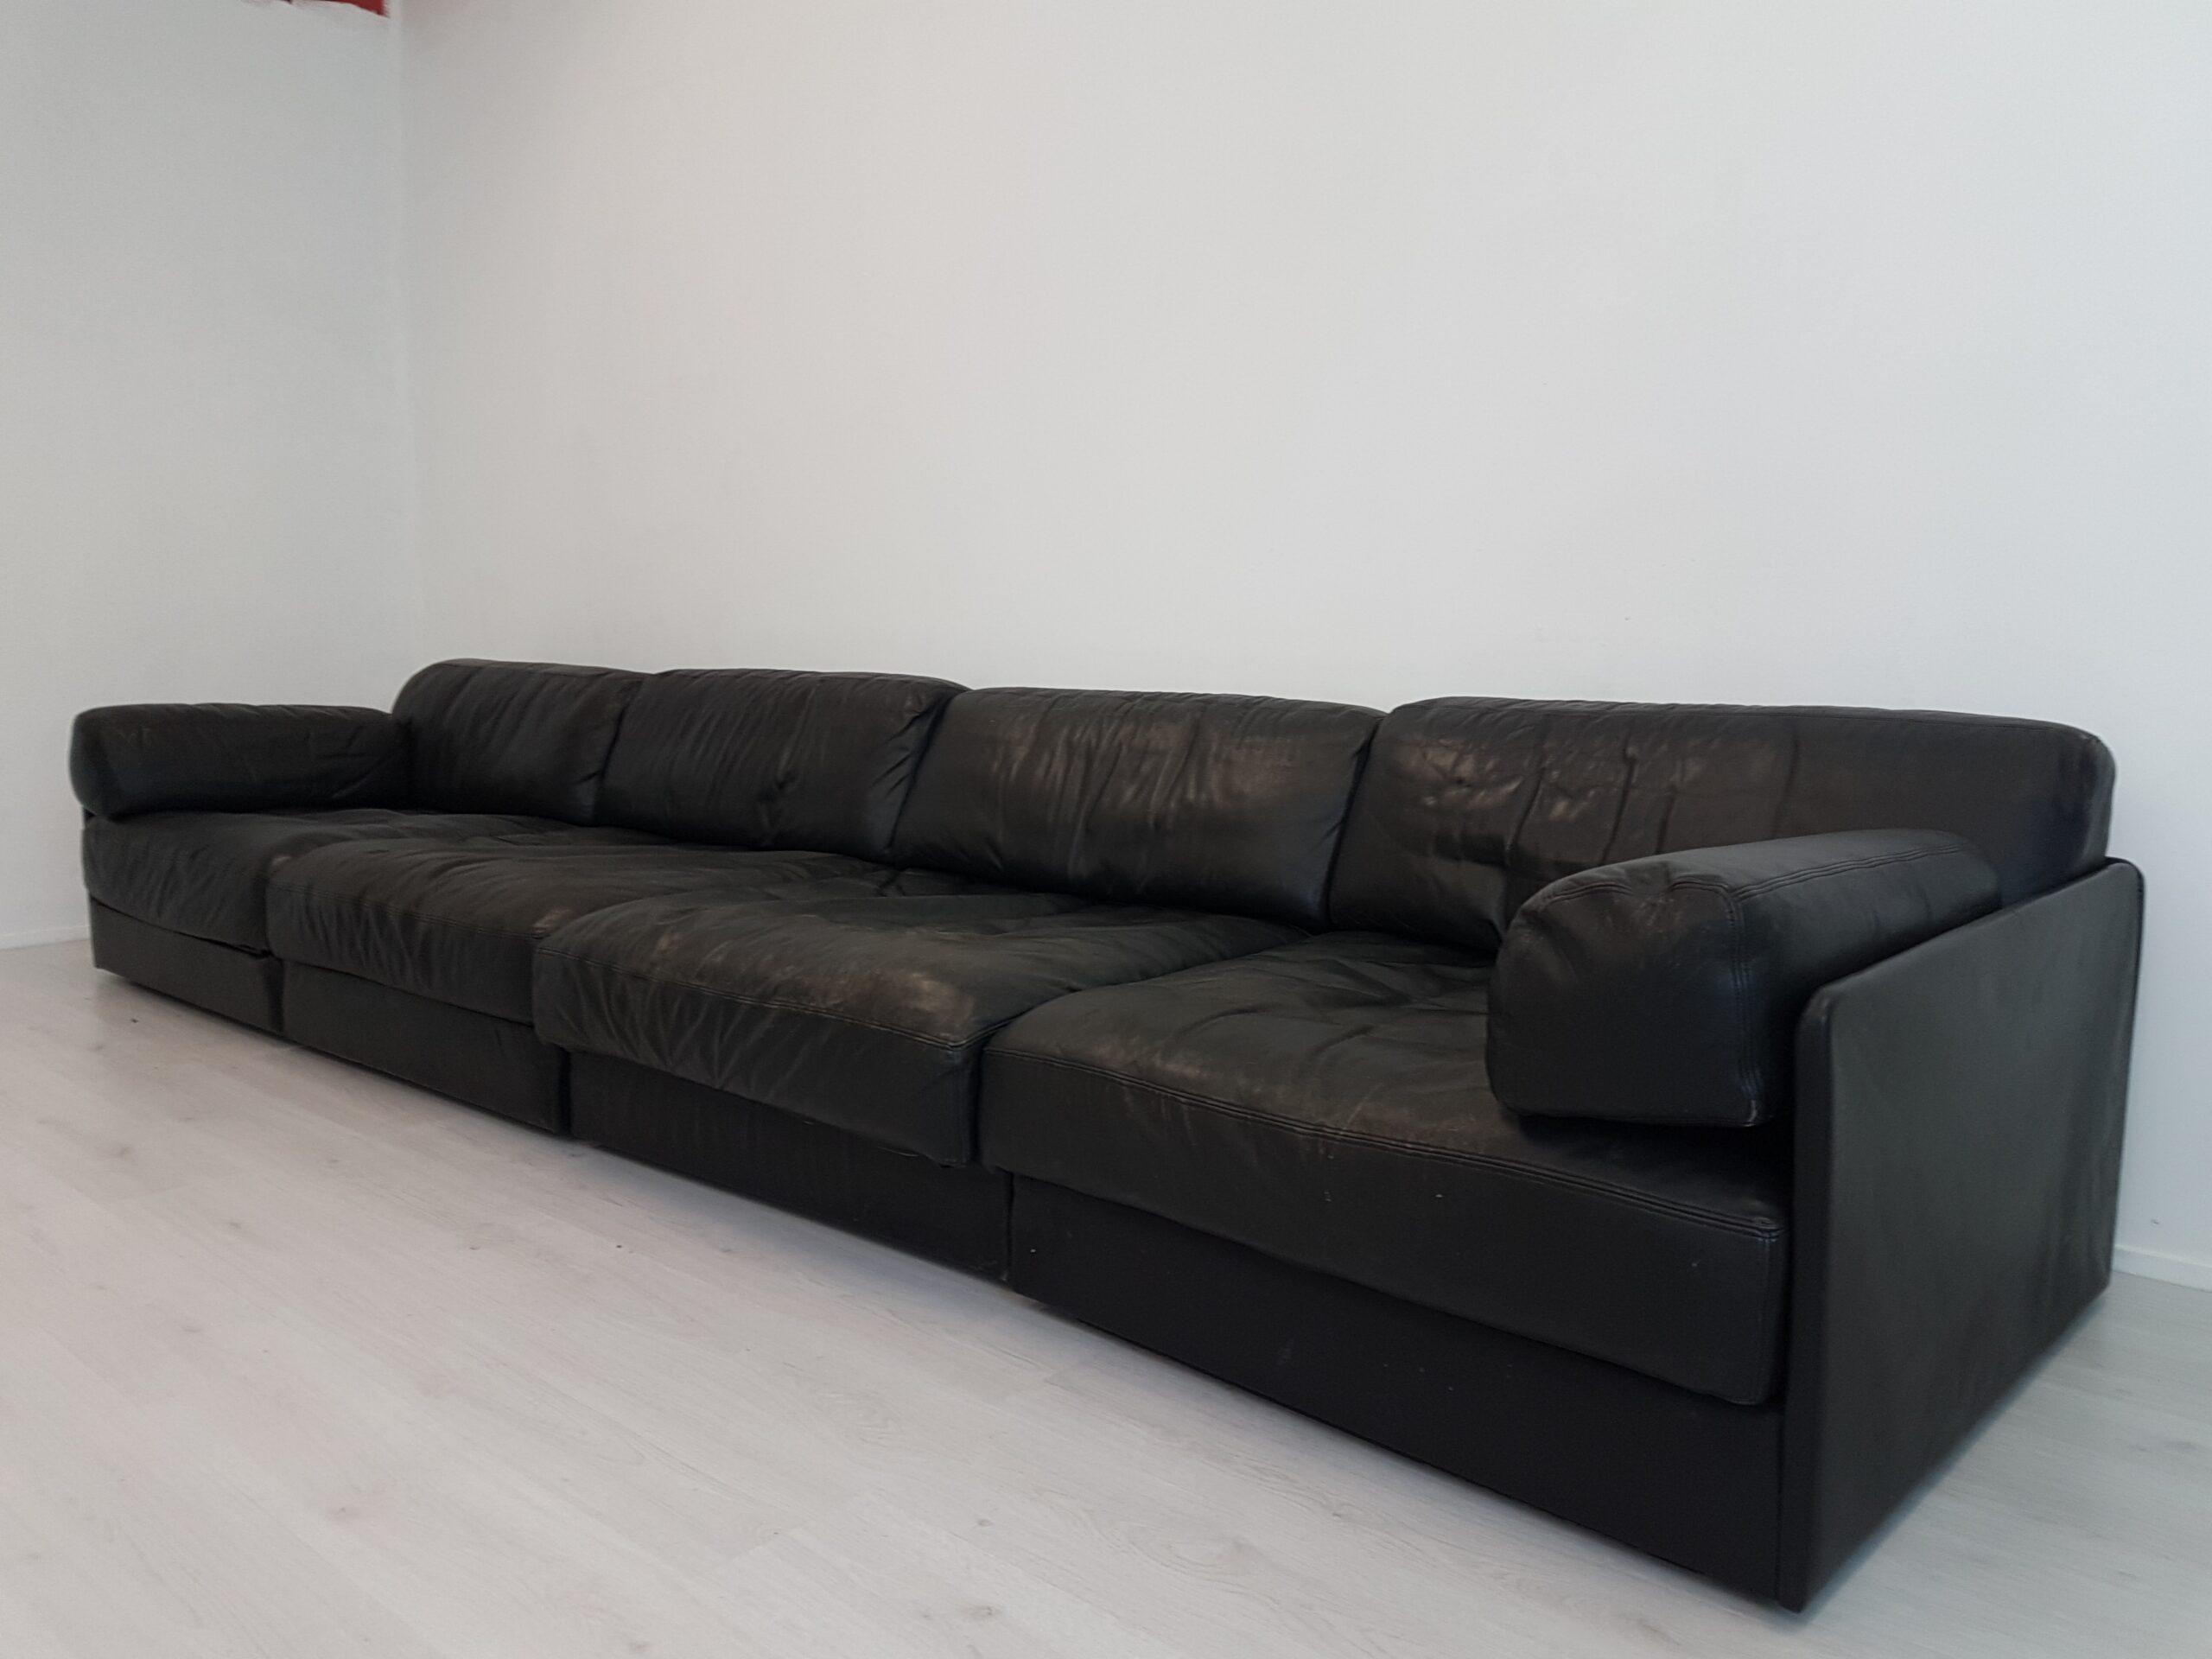 Full Size of De Sede Sofa Modular Ds 76 Black Leather 78489 Mit Verstellbarer Sitztiefe Internat Baden Württemberg Trennwände Garten Badezimmer Deckenleuchte Englisches Sofa De Sede Sofa